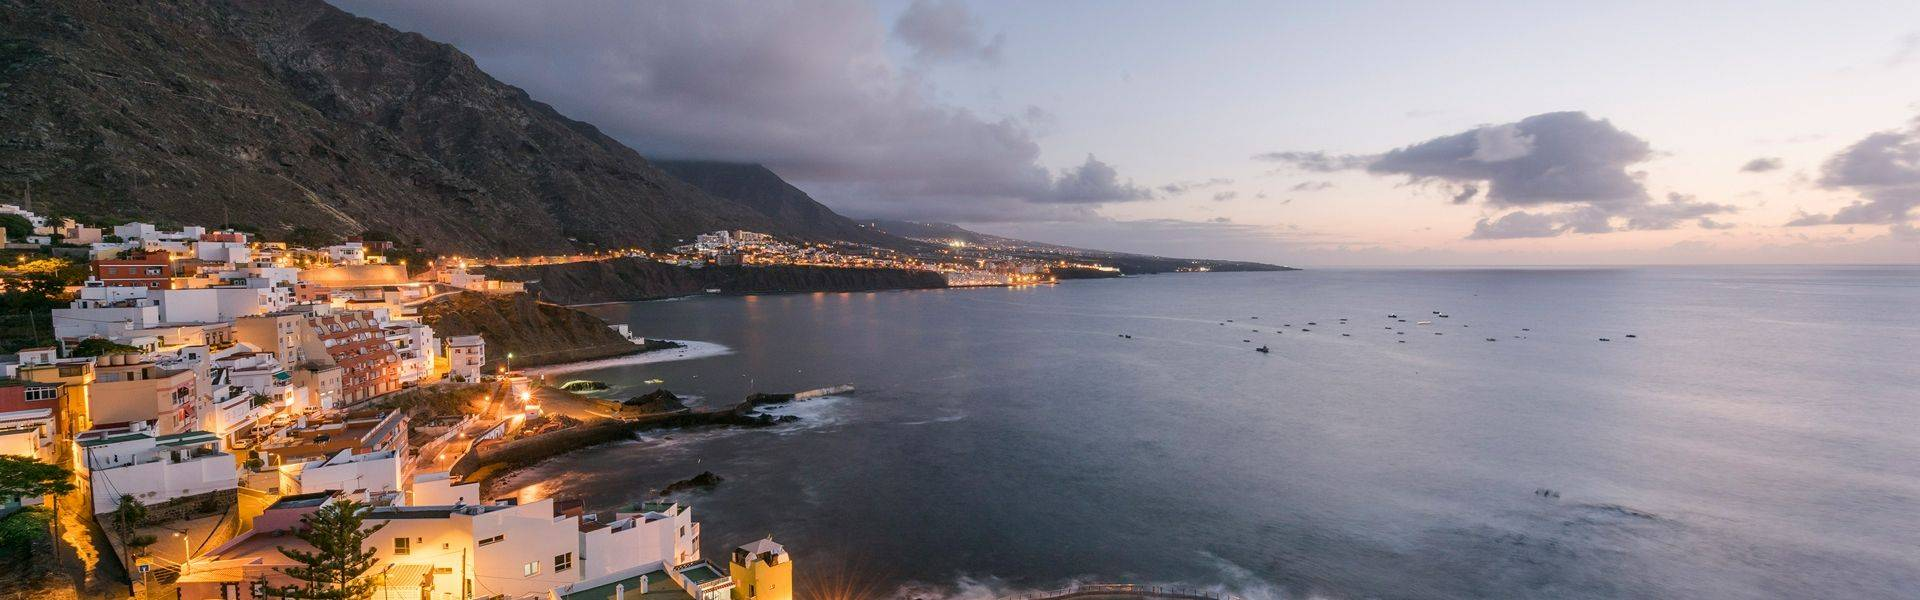 Das Foto ist ausschließlich für PR- und Marketingmaßnahmen des OCÉANO Hotel Health Spa - TenerifeCalle Océano Pacifico, 1E…